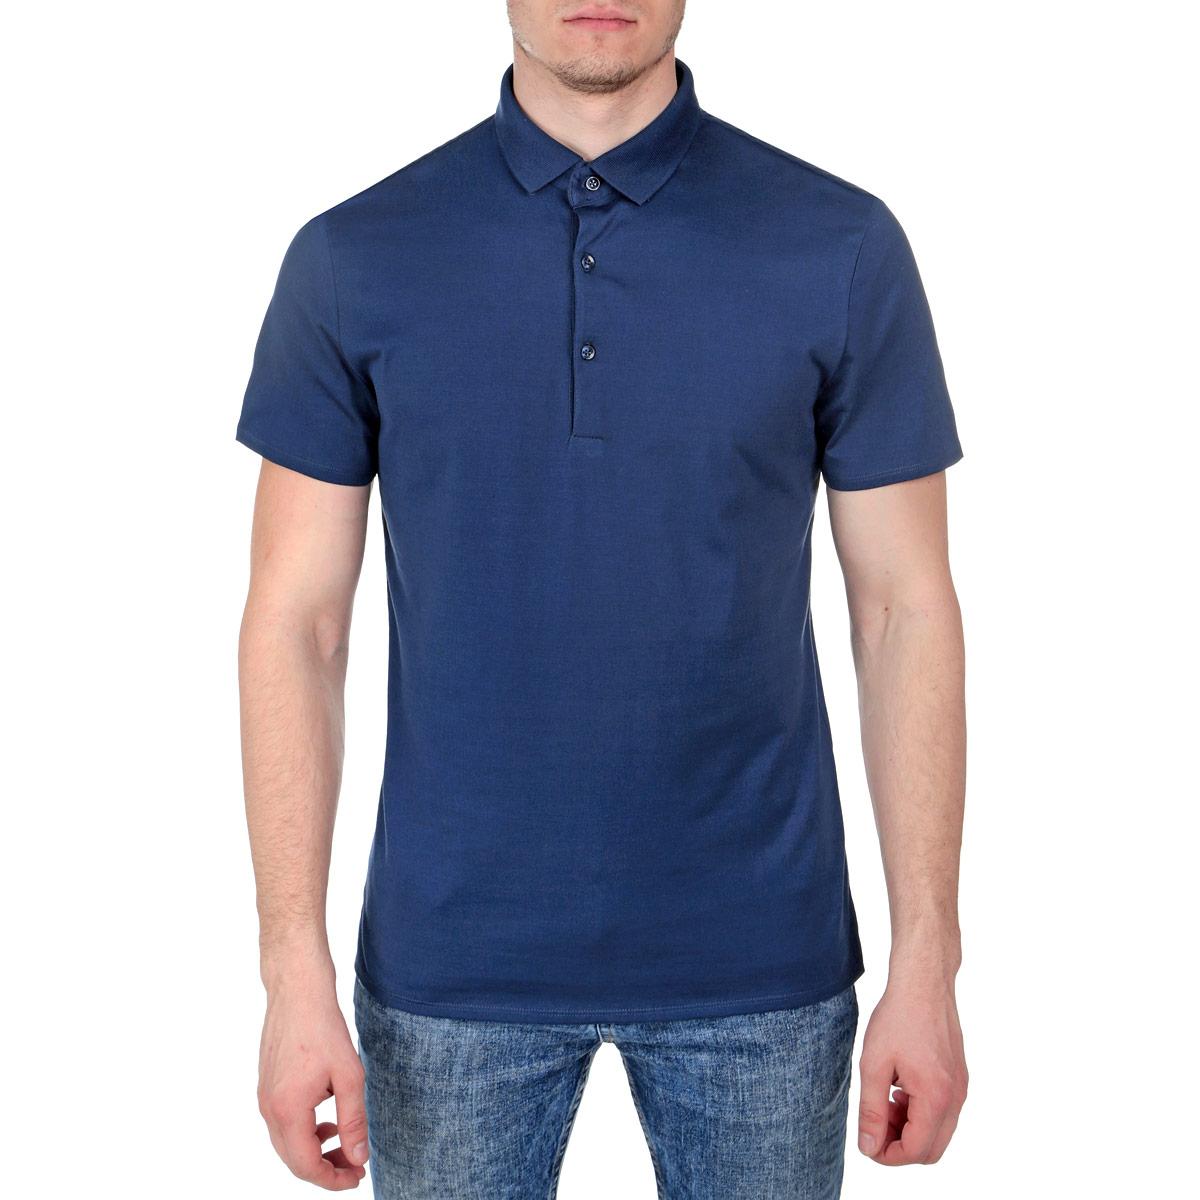 Поло мужское Tom Tailor, цвет: темно-синий. 1530590.00.15. Размер M (48)1530590.00.15Стильная мужская футболка-поло Tom Tailor, выполненная из высококачественного материала, обладает высокой теплопроводностью, воздухопроницаемостью и гигроскопичностью, позволяет коже дышать. Модель с короткими рукавами и отложным воротником сверху застегивается на три пуговицы. Классический покрой, лаконичный дизайн, безукоризненное качество. В такой футболке вы будете чувствовать себя уверенно и комфортно.